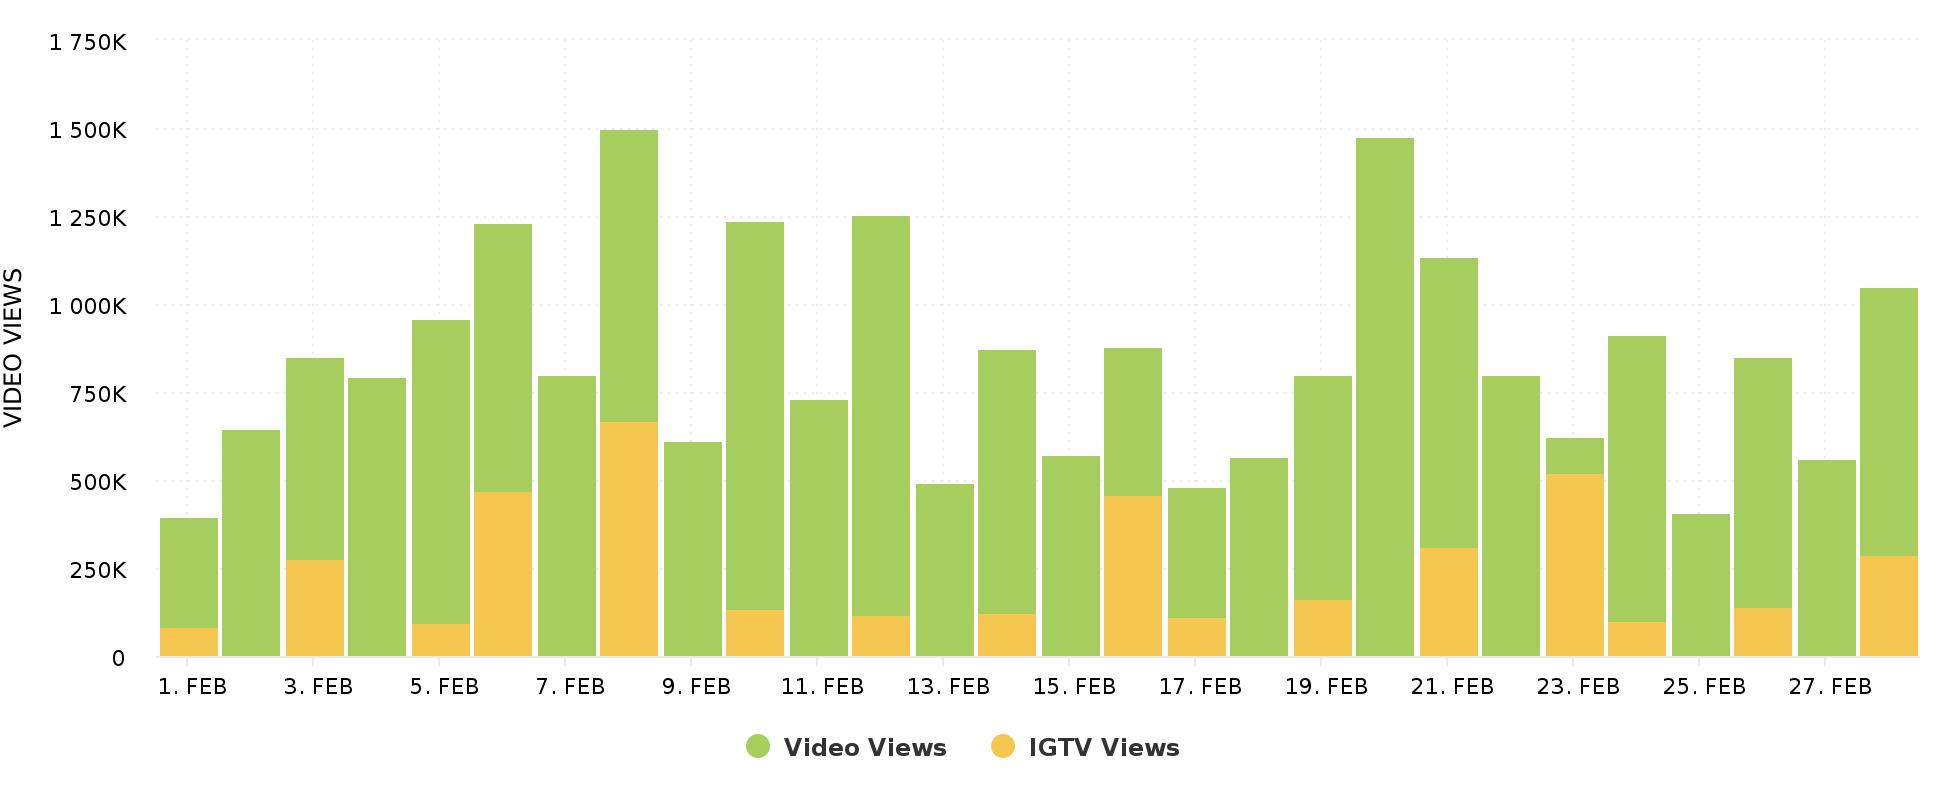 Number of Video Views Instagram